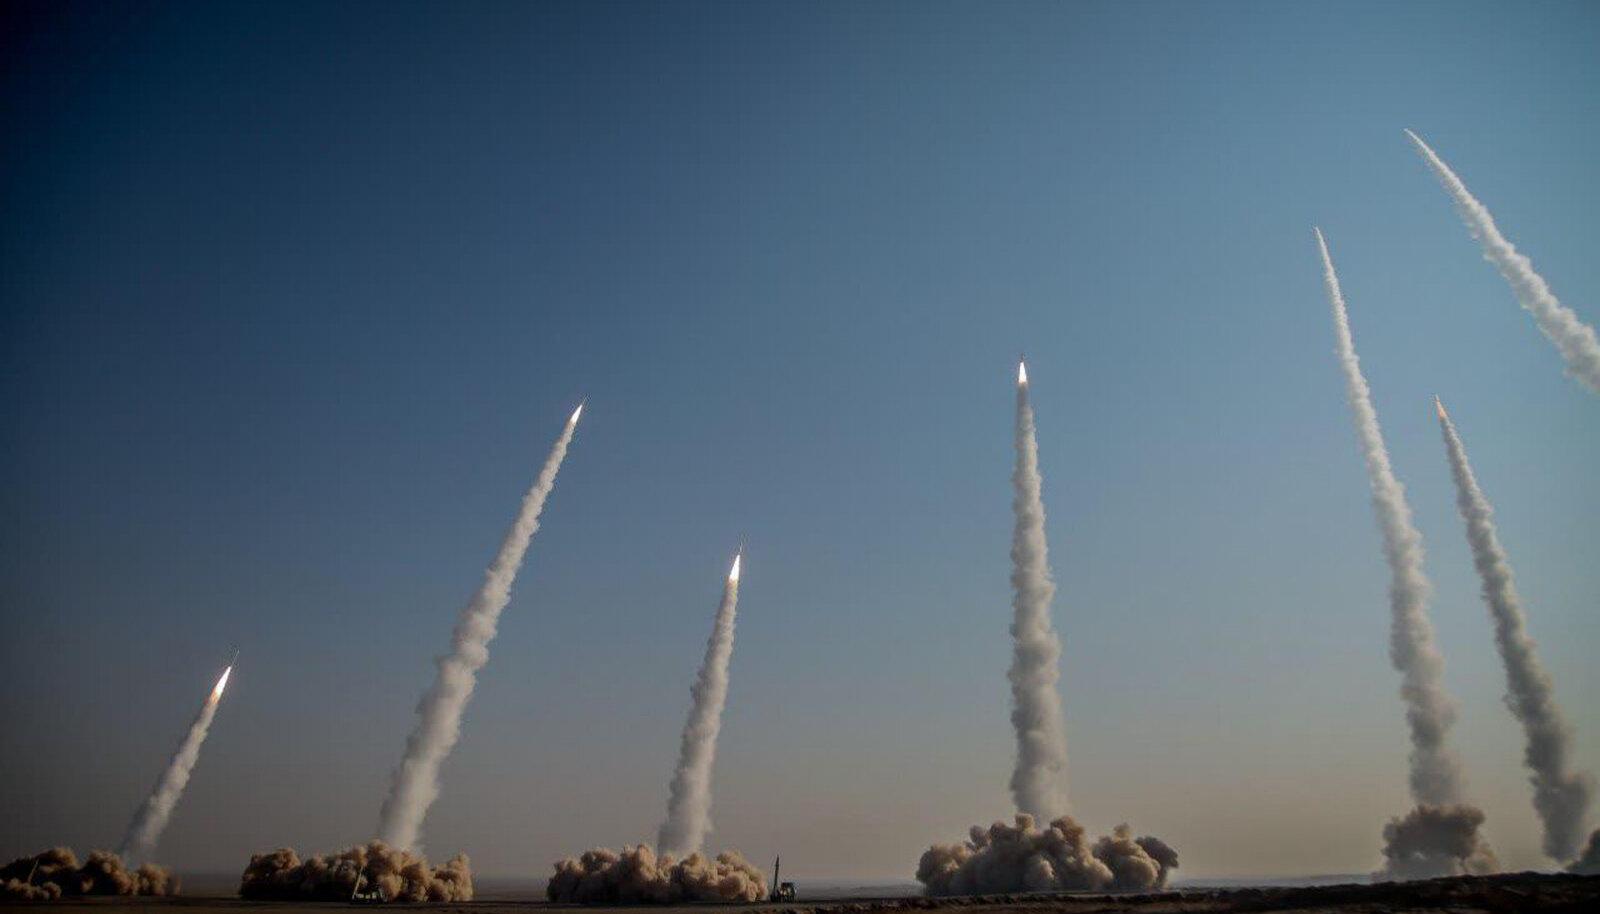 Iraani õhutõrje valmistub tõrjuma USA rünnakut